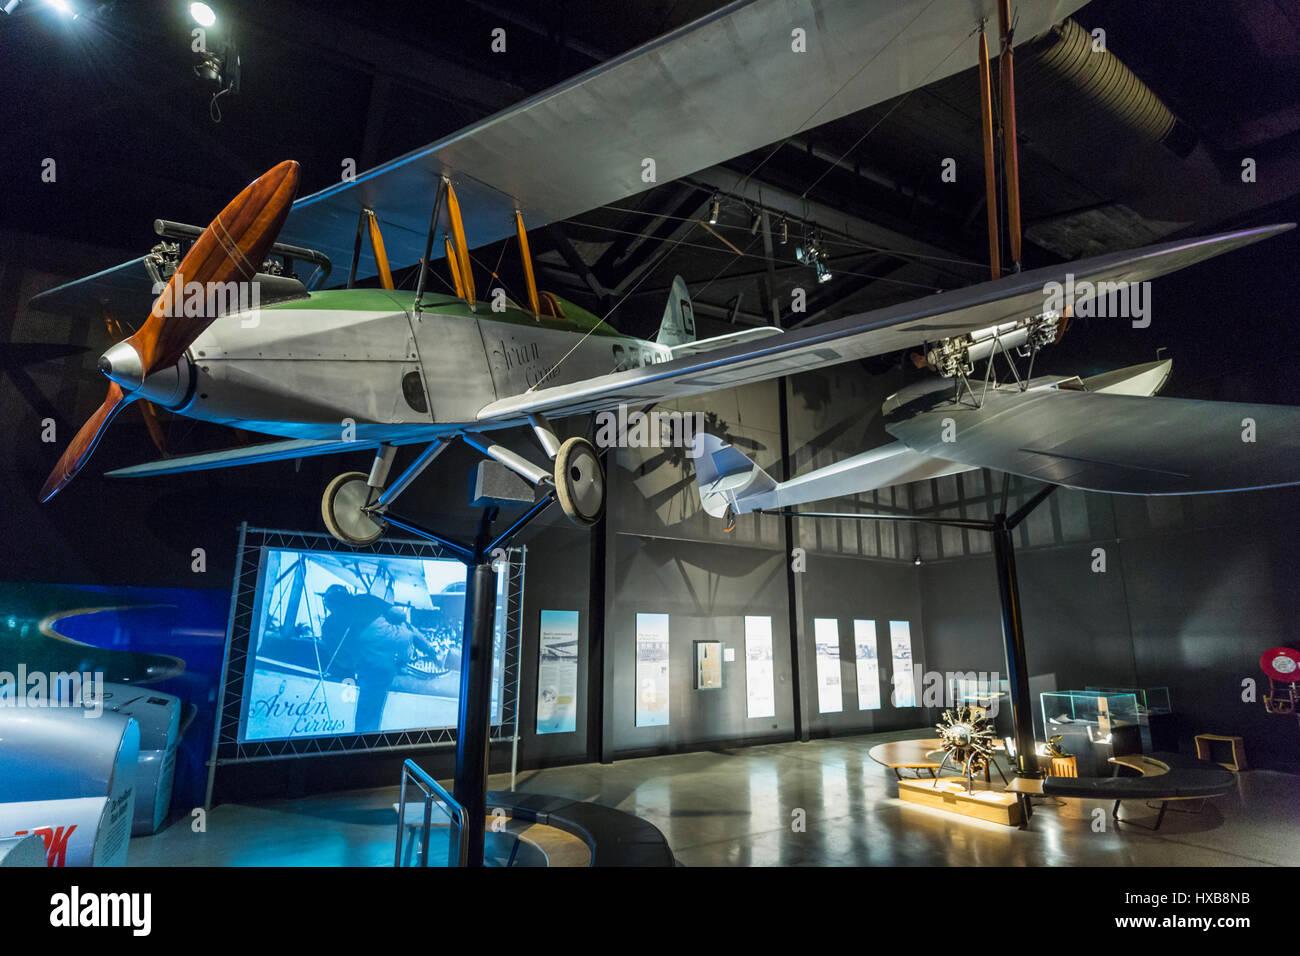 Avions y compris la réplique de l'Avro et des expositions interactives à l'intérieur du hall de l'Aviation Hinkler. Bundaberg, Queensland, Australie Banque D'Images